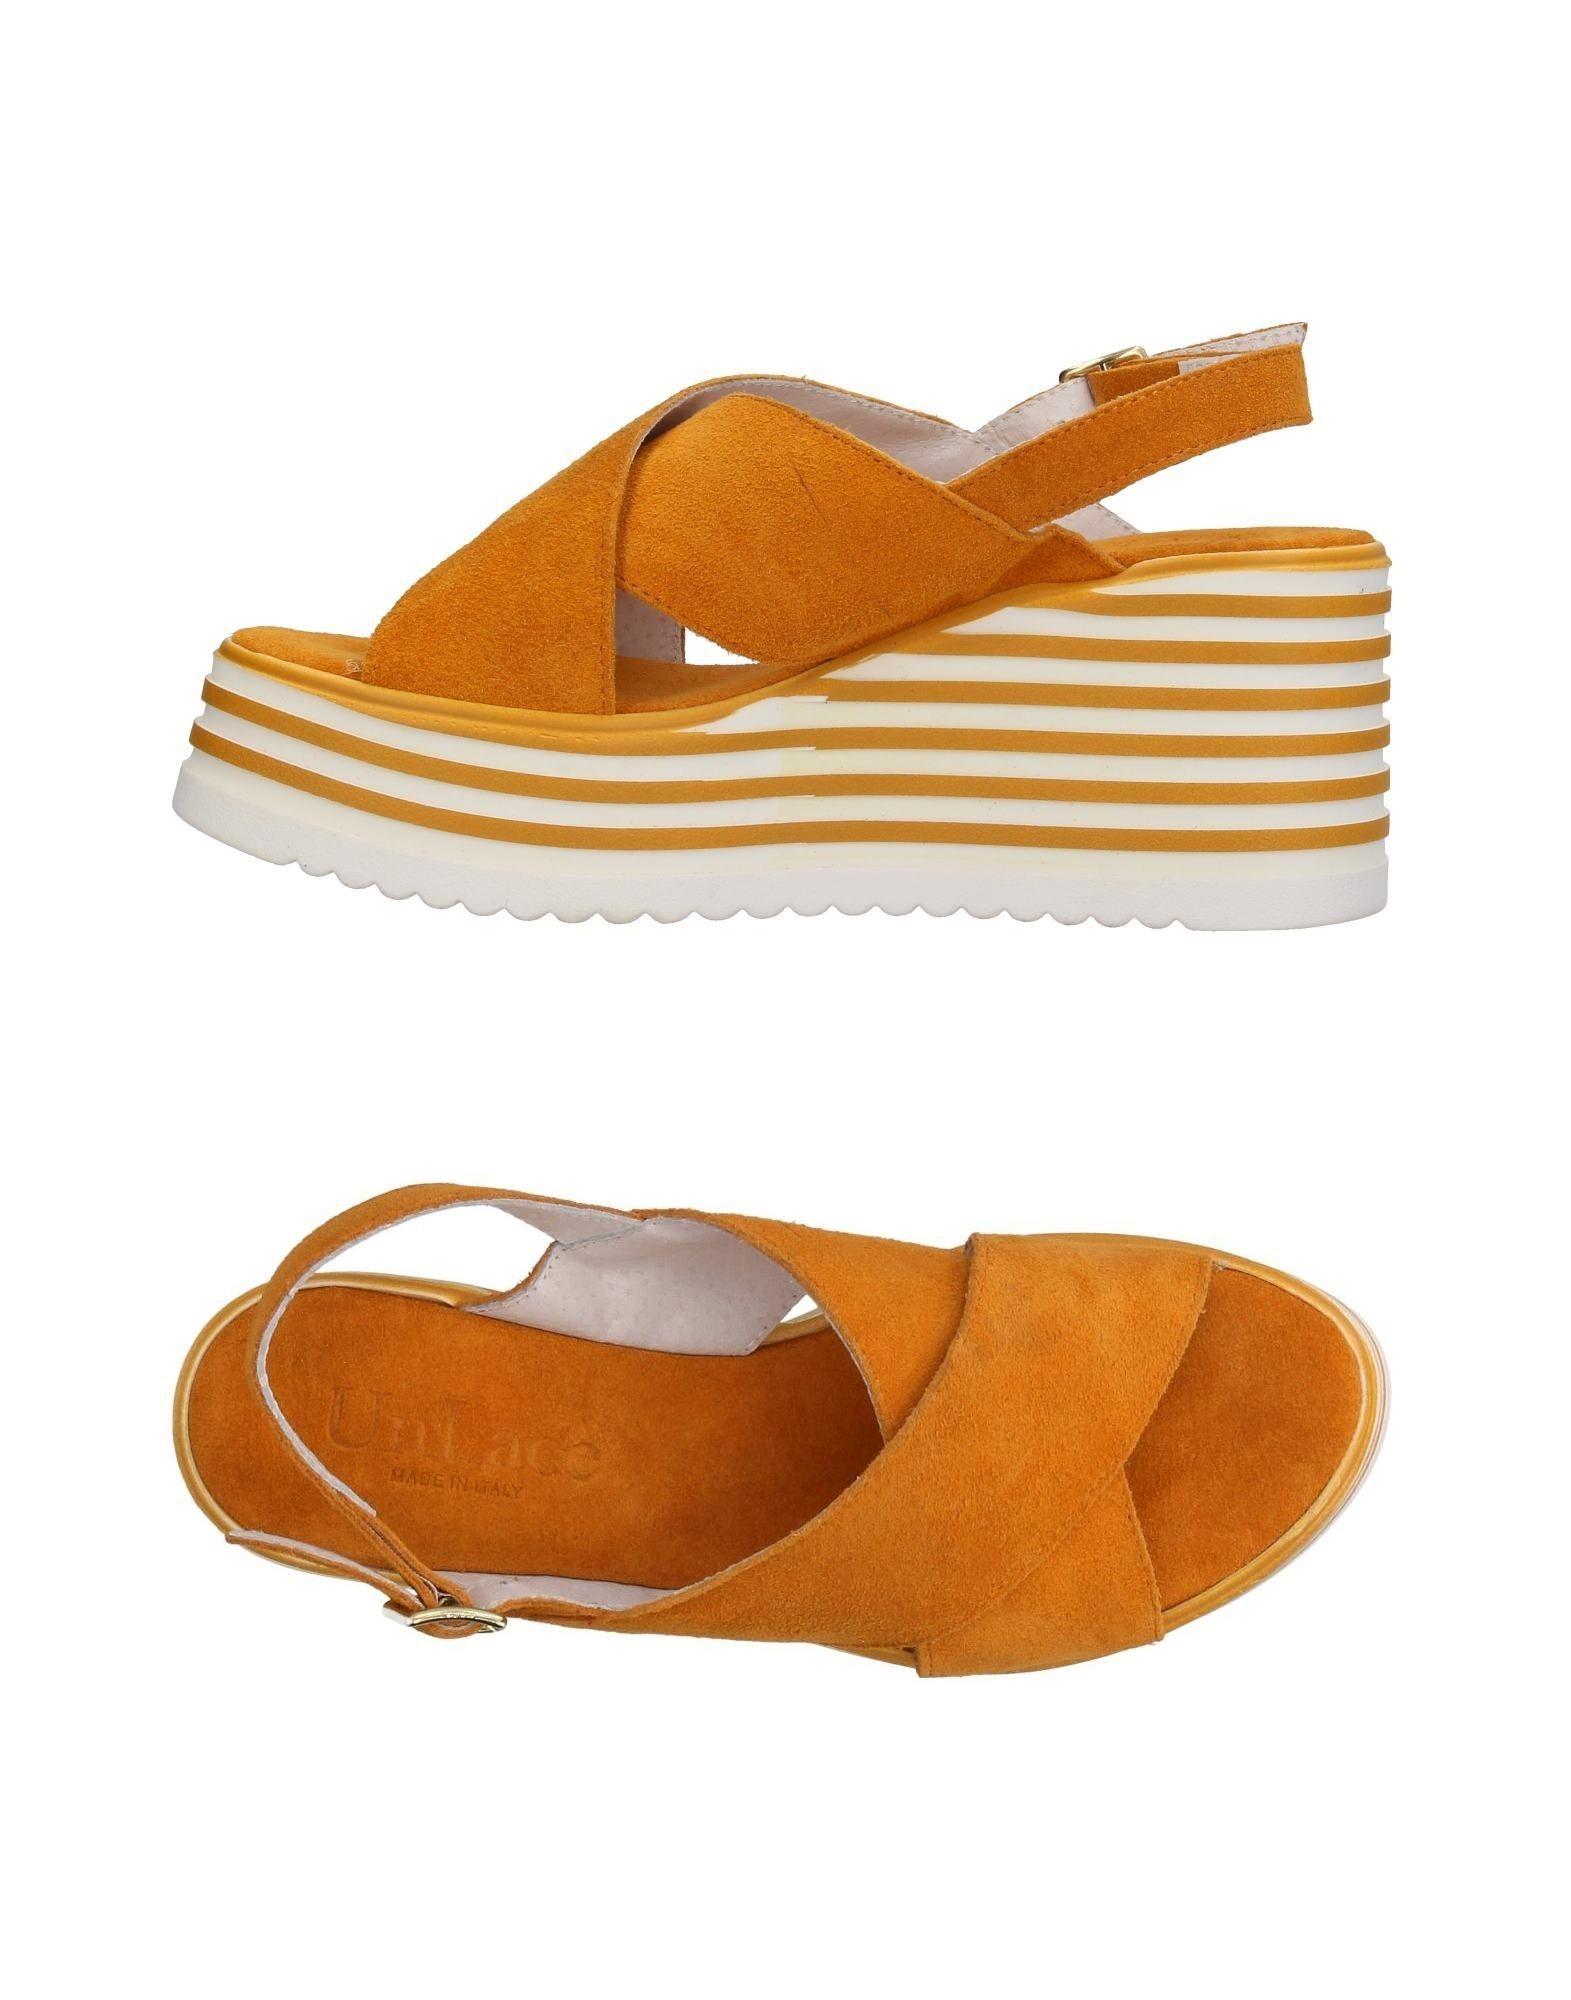 Sandali Unlace Donna - 11378088XS Scarpe economiche e buone